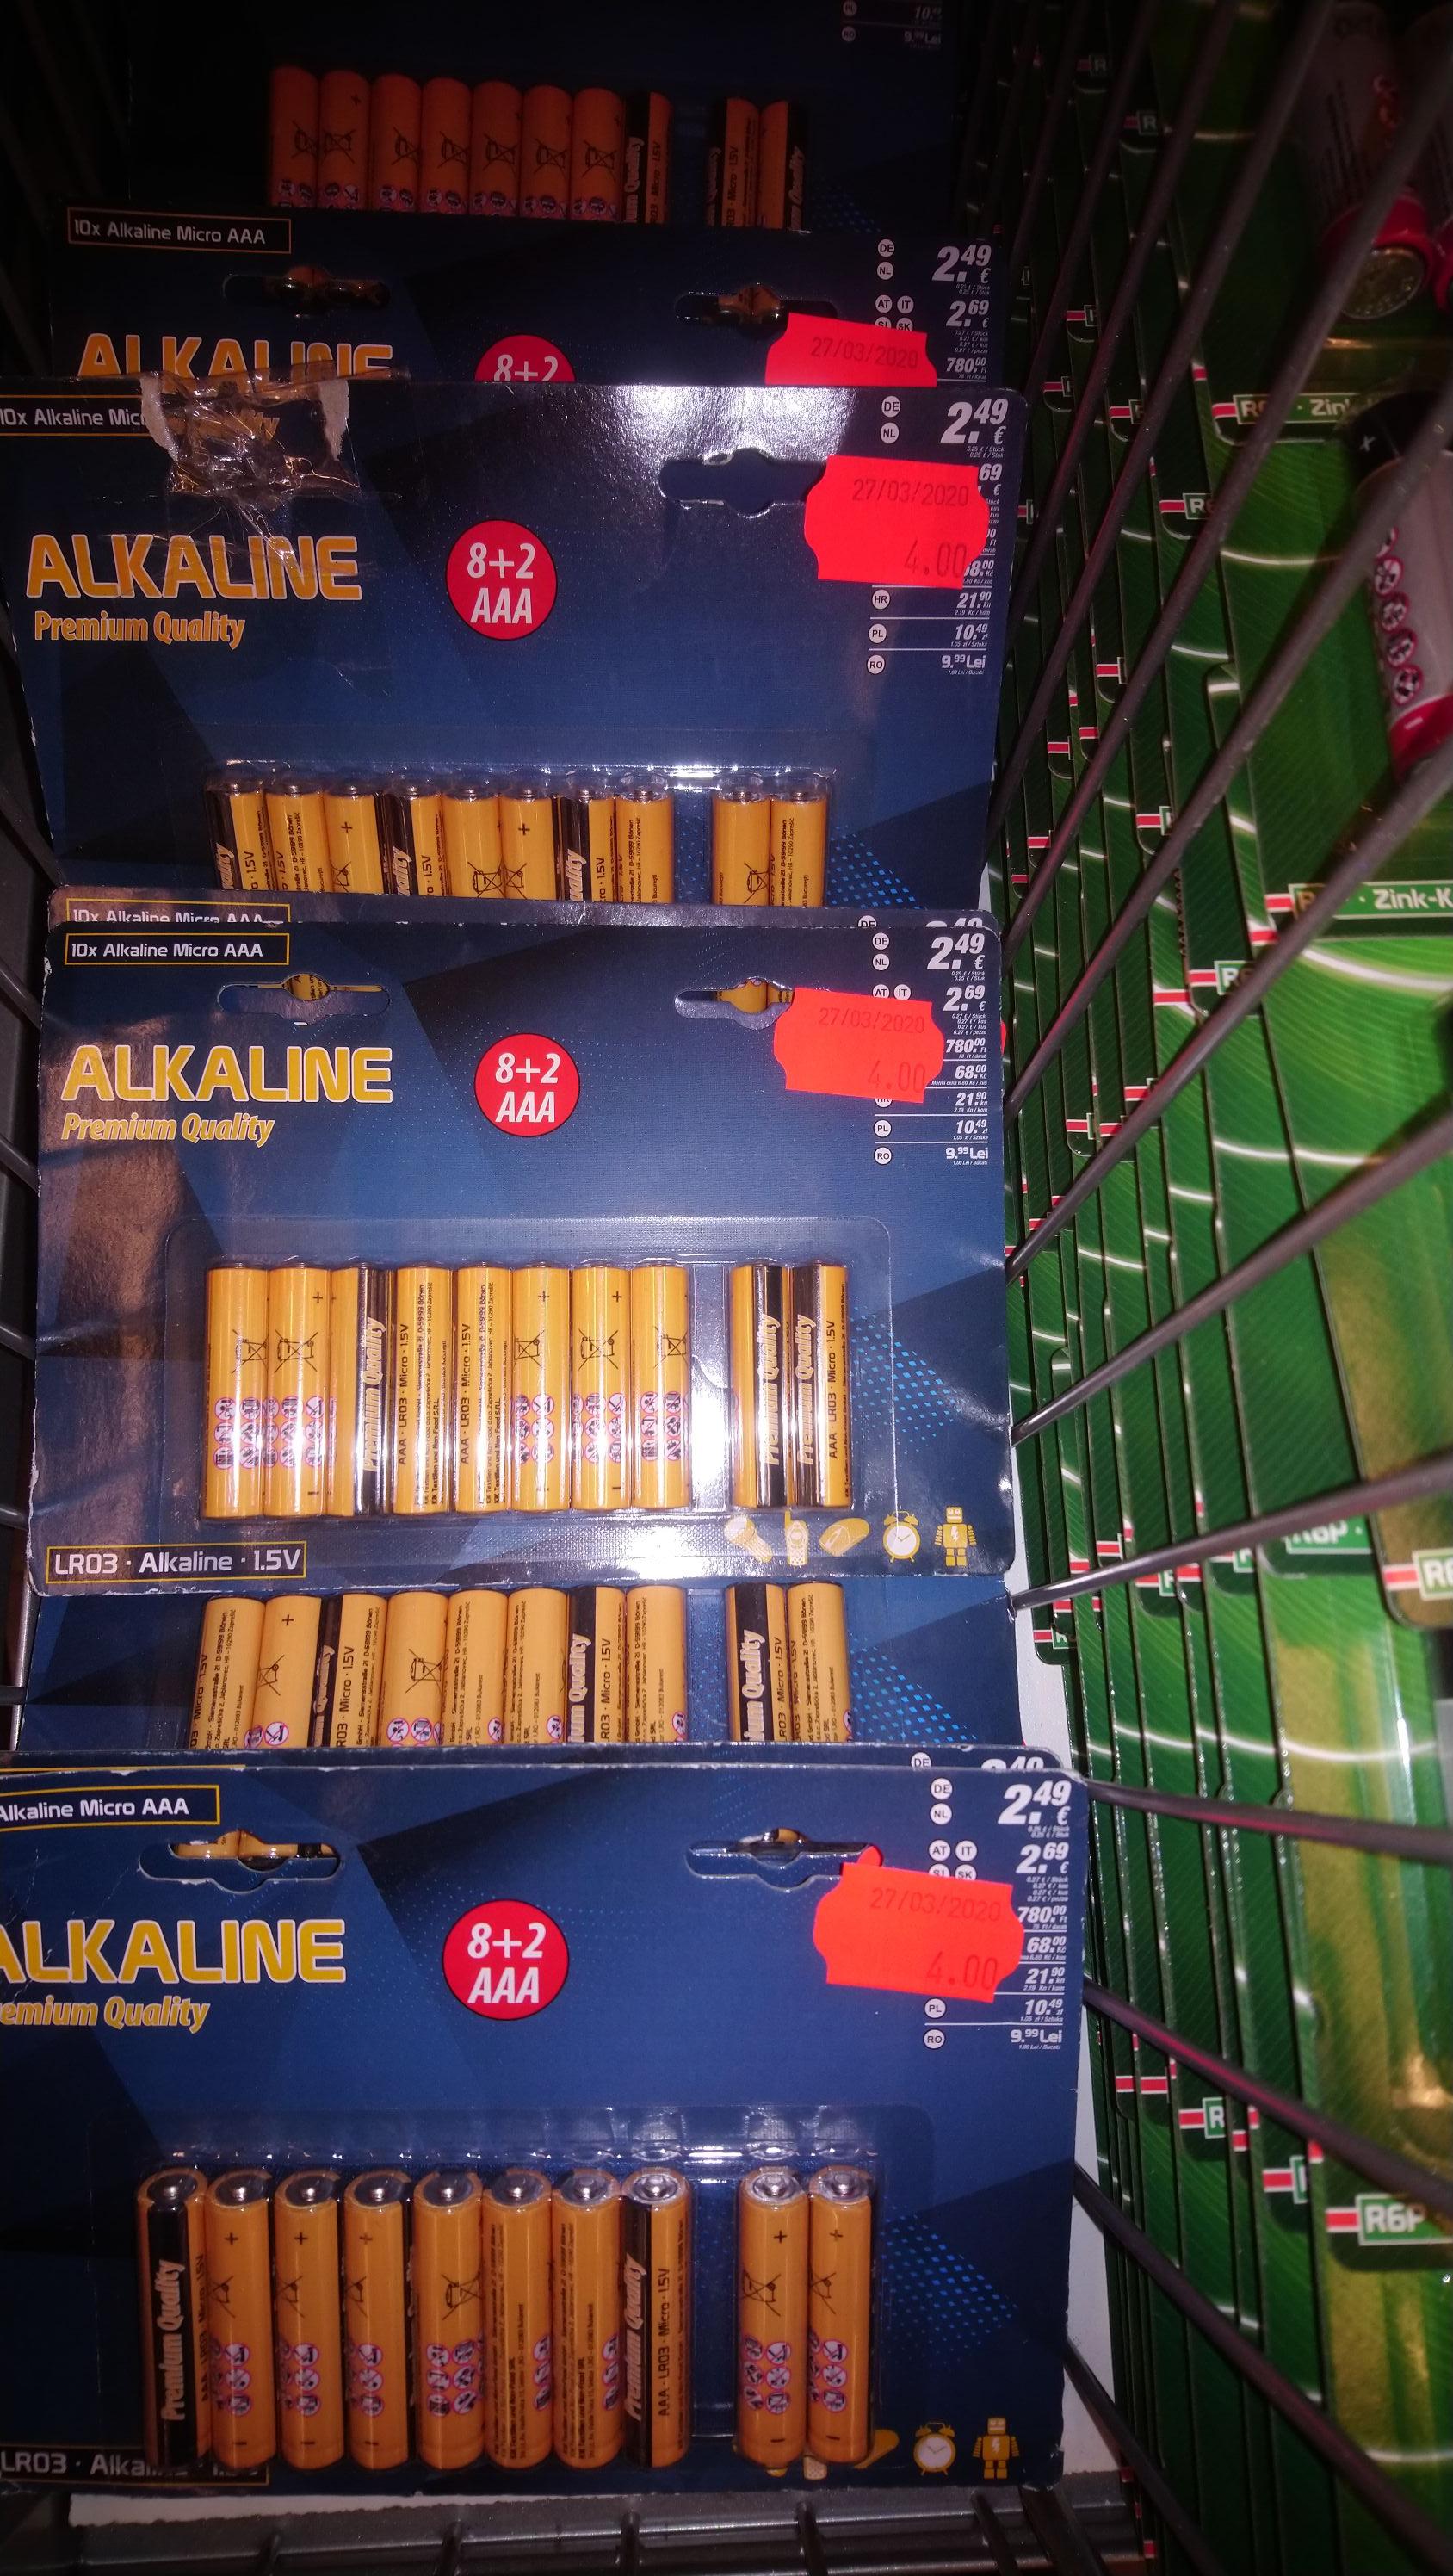 Baterie Alkaliczne AAA Kik Siemianowice Kapicy